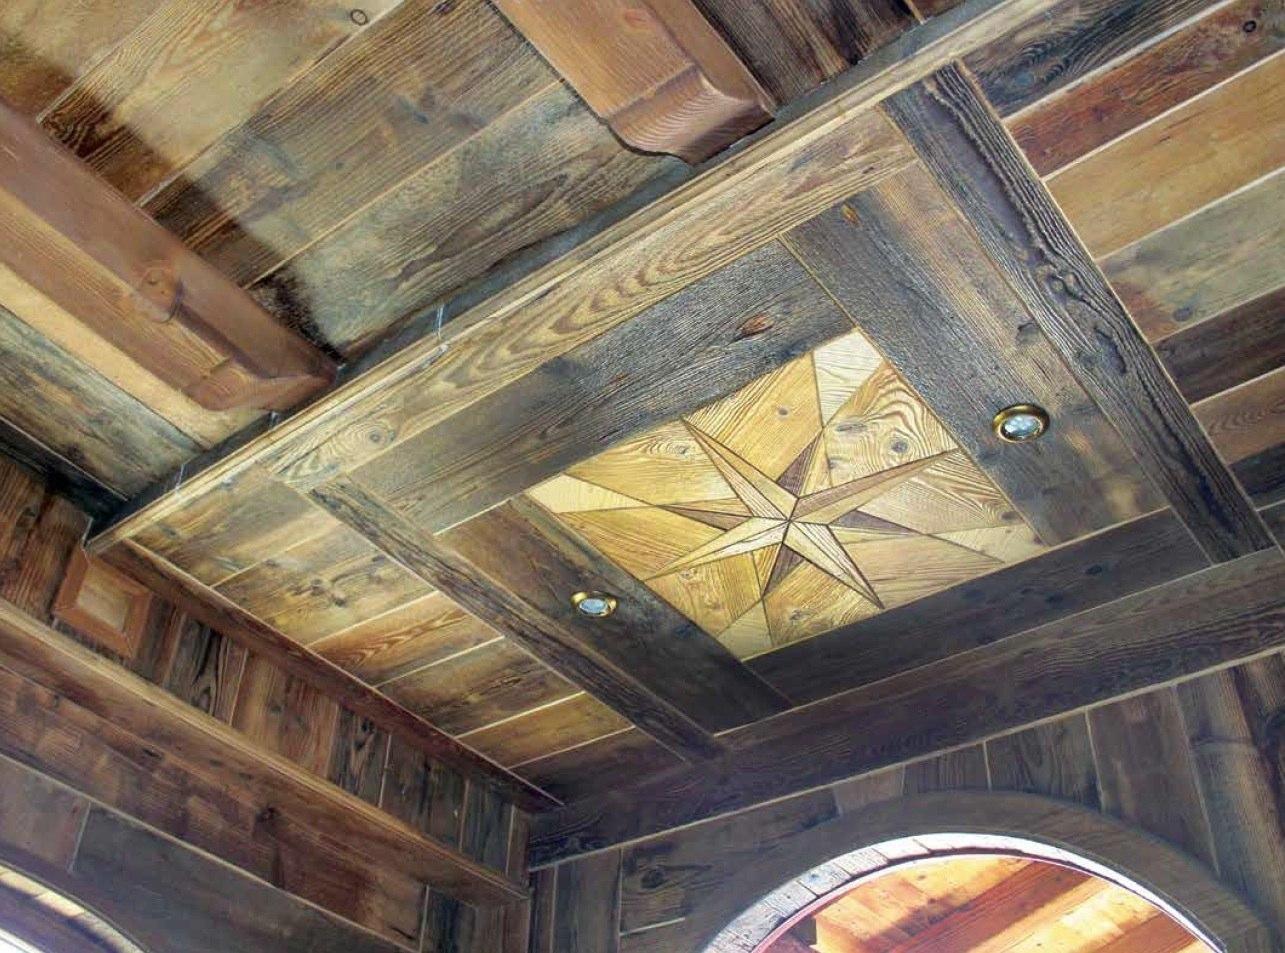 Ambienti rivestimenti in legno antico vecchio di recupero effetto vintage